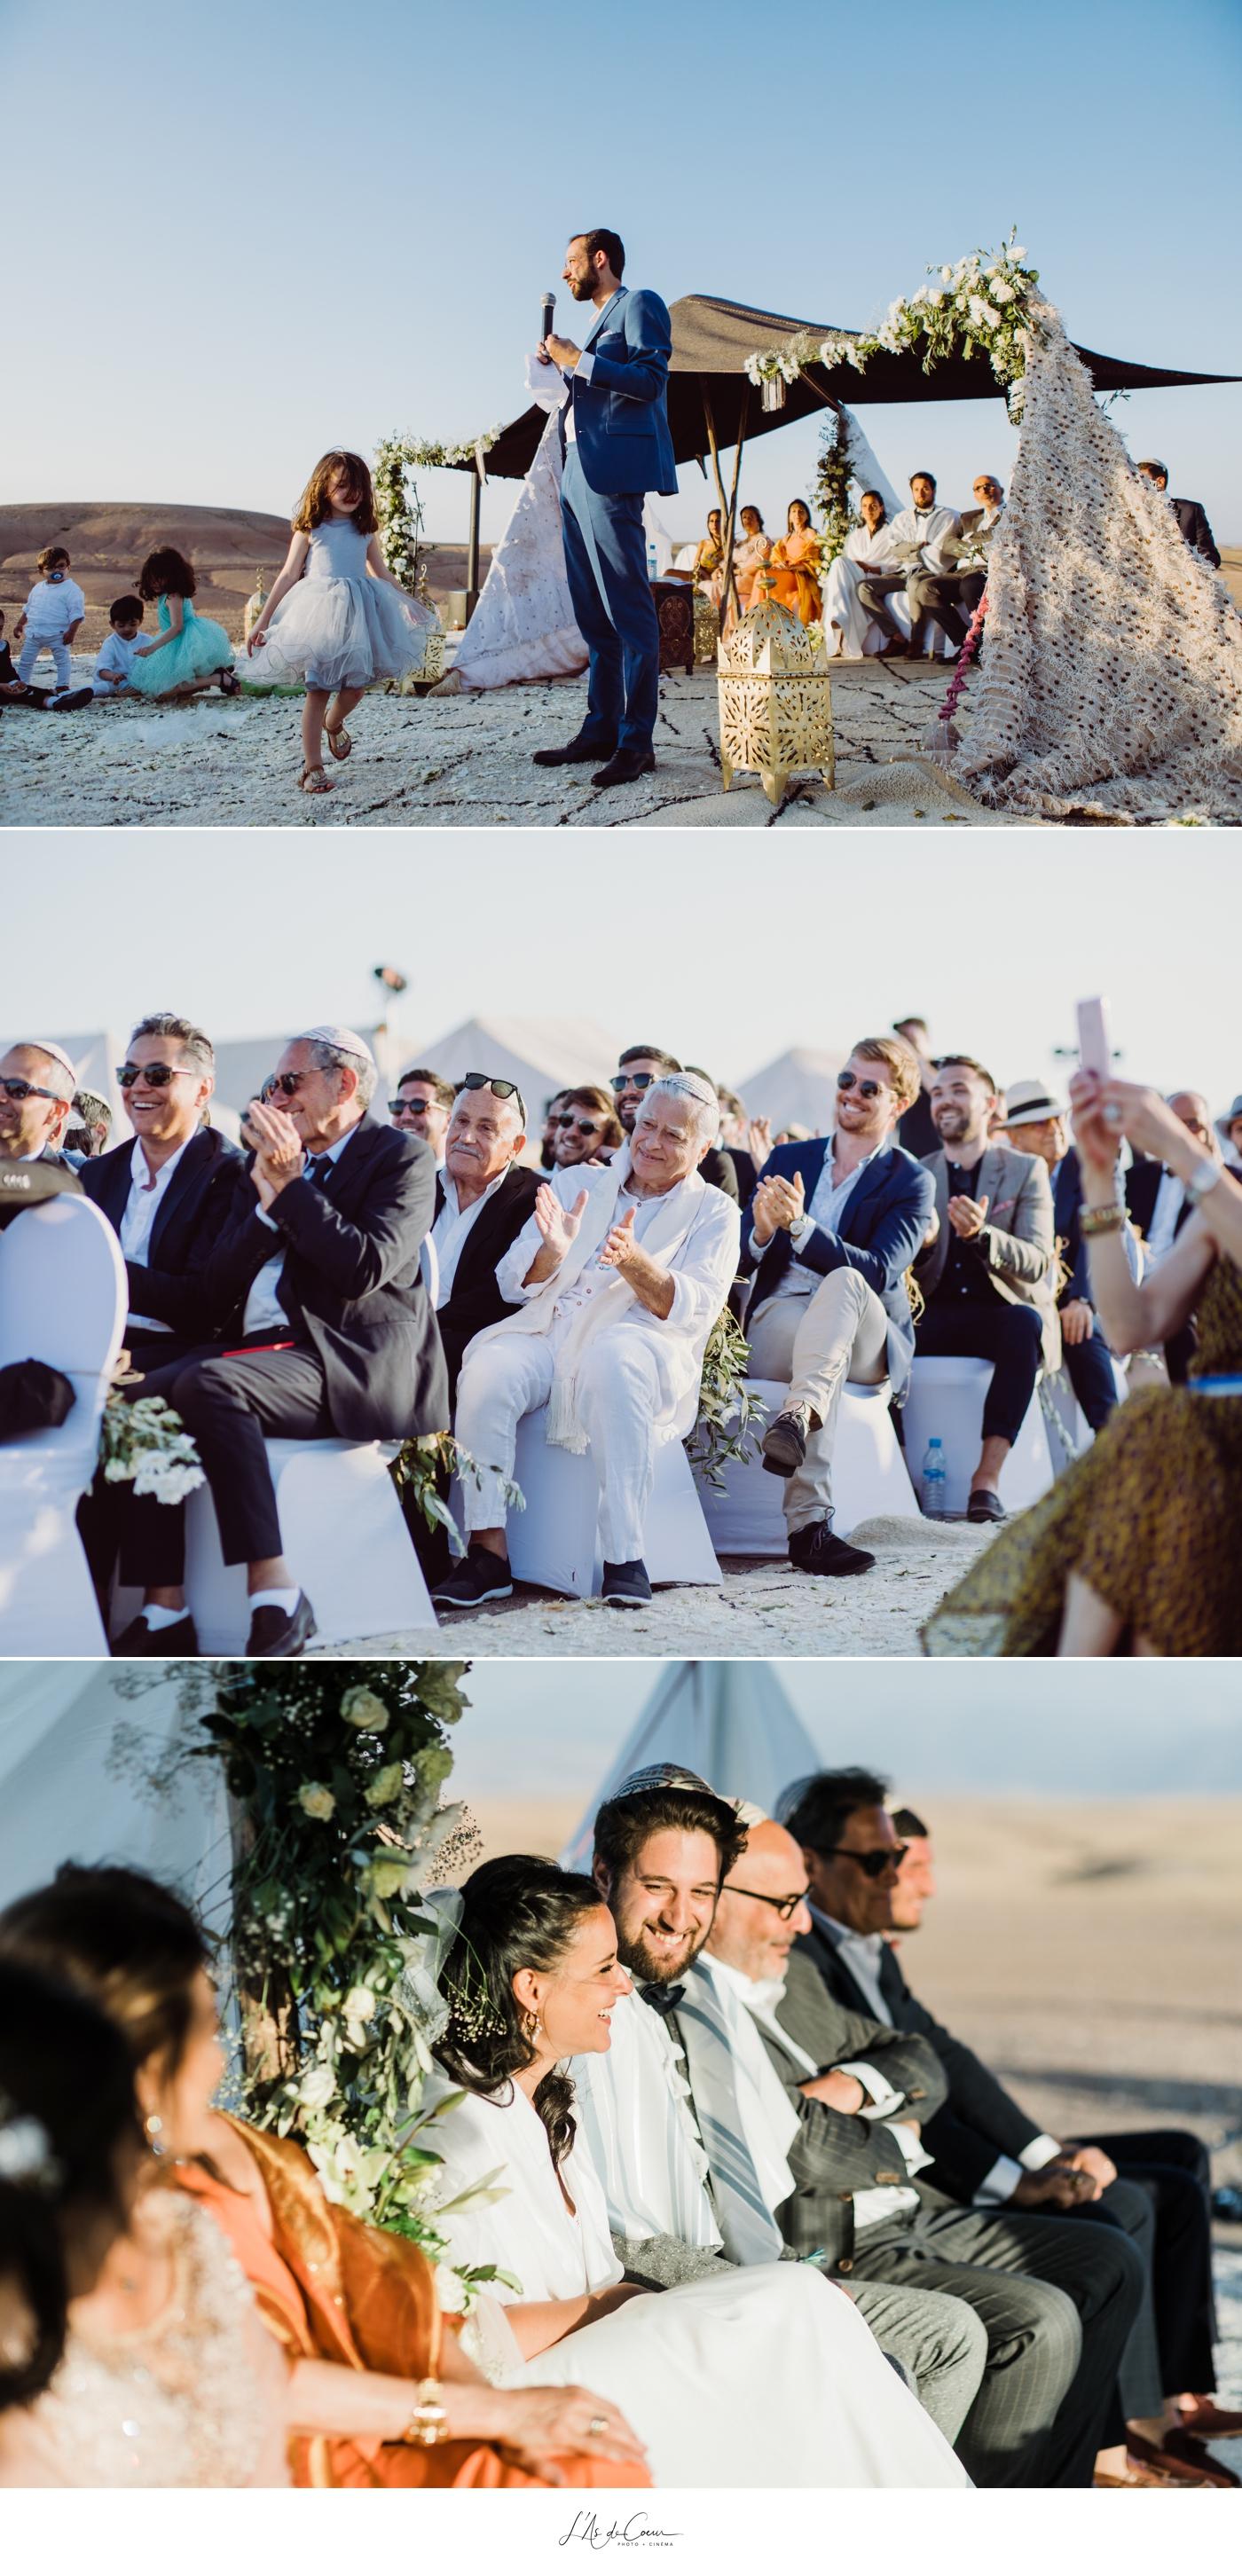 Cémonie mariage désert Maroc